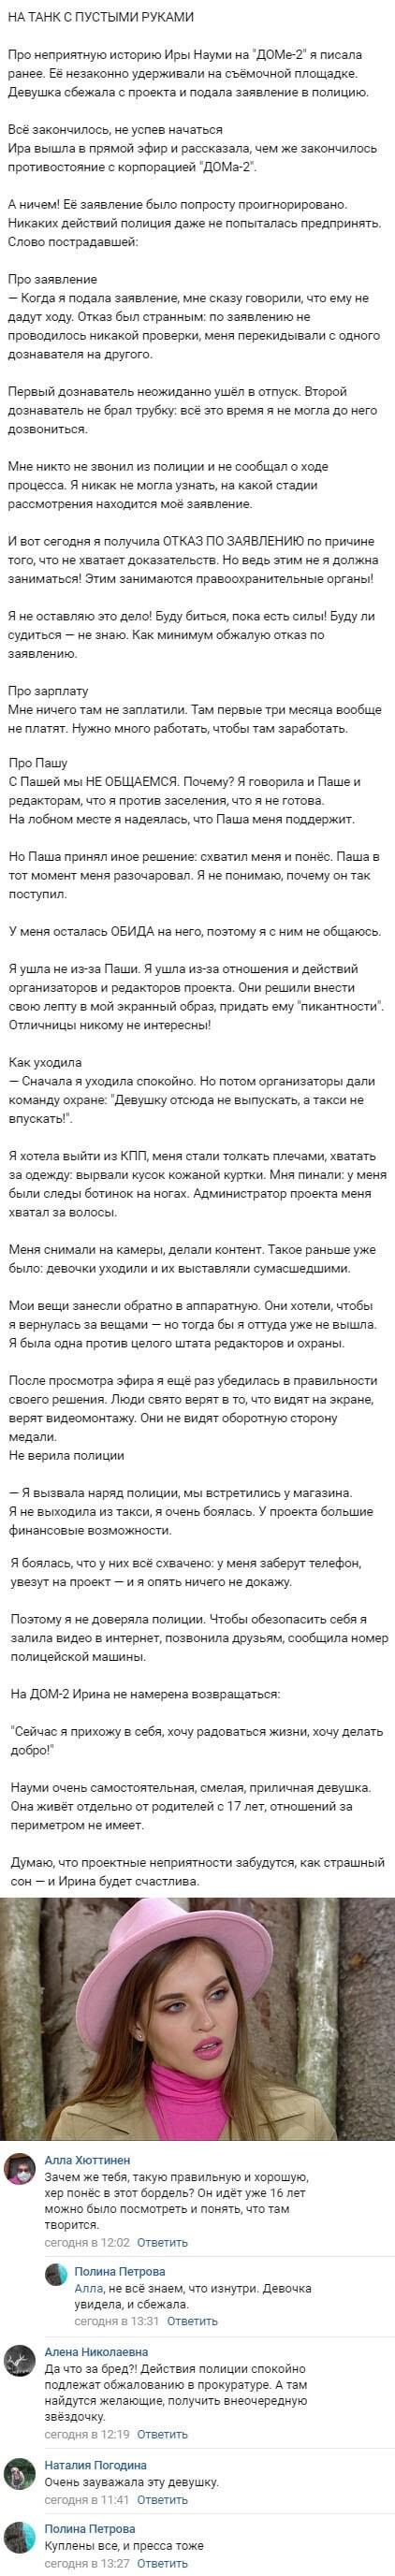 Ирина Науми не смогла наказать организаторов проекта через полицию